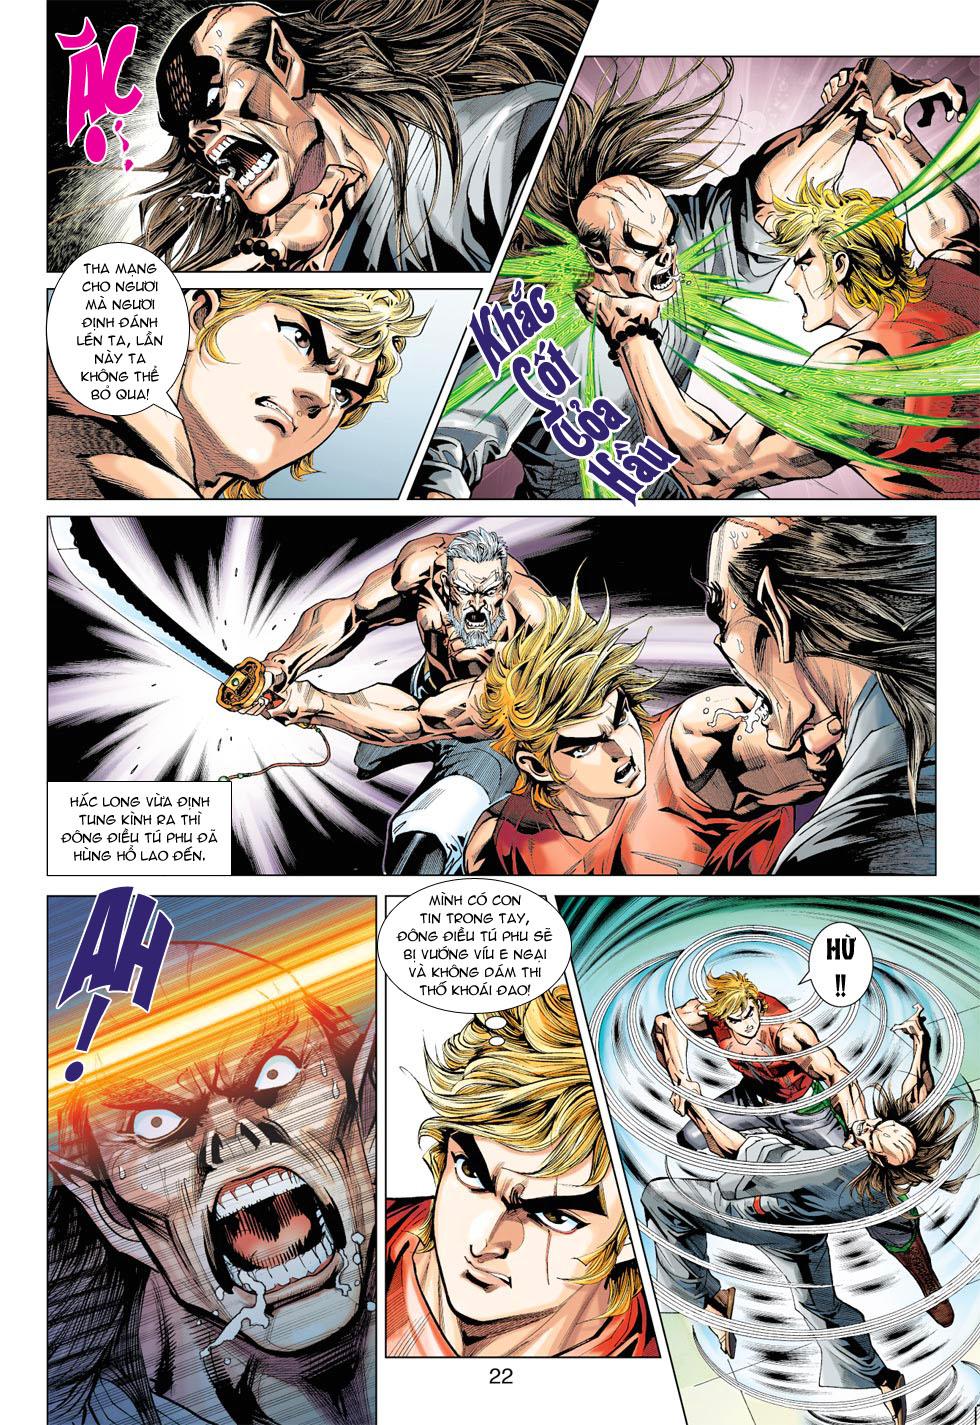 Tân Tác Long Hổ Môn trang 55